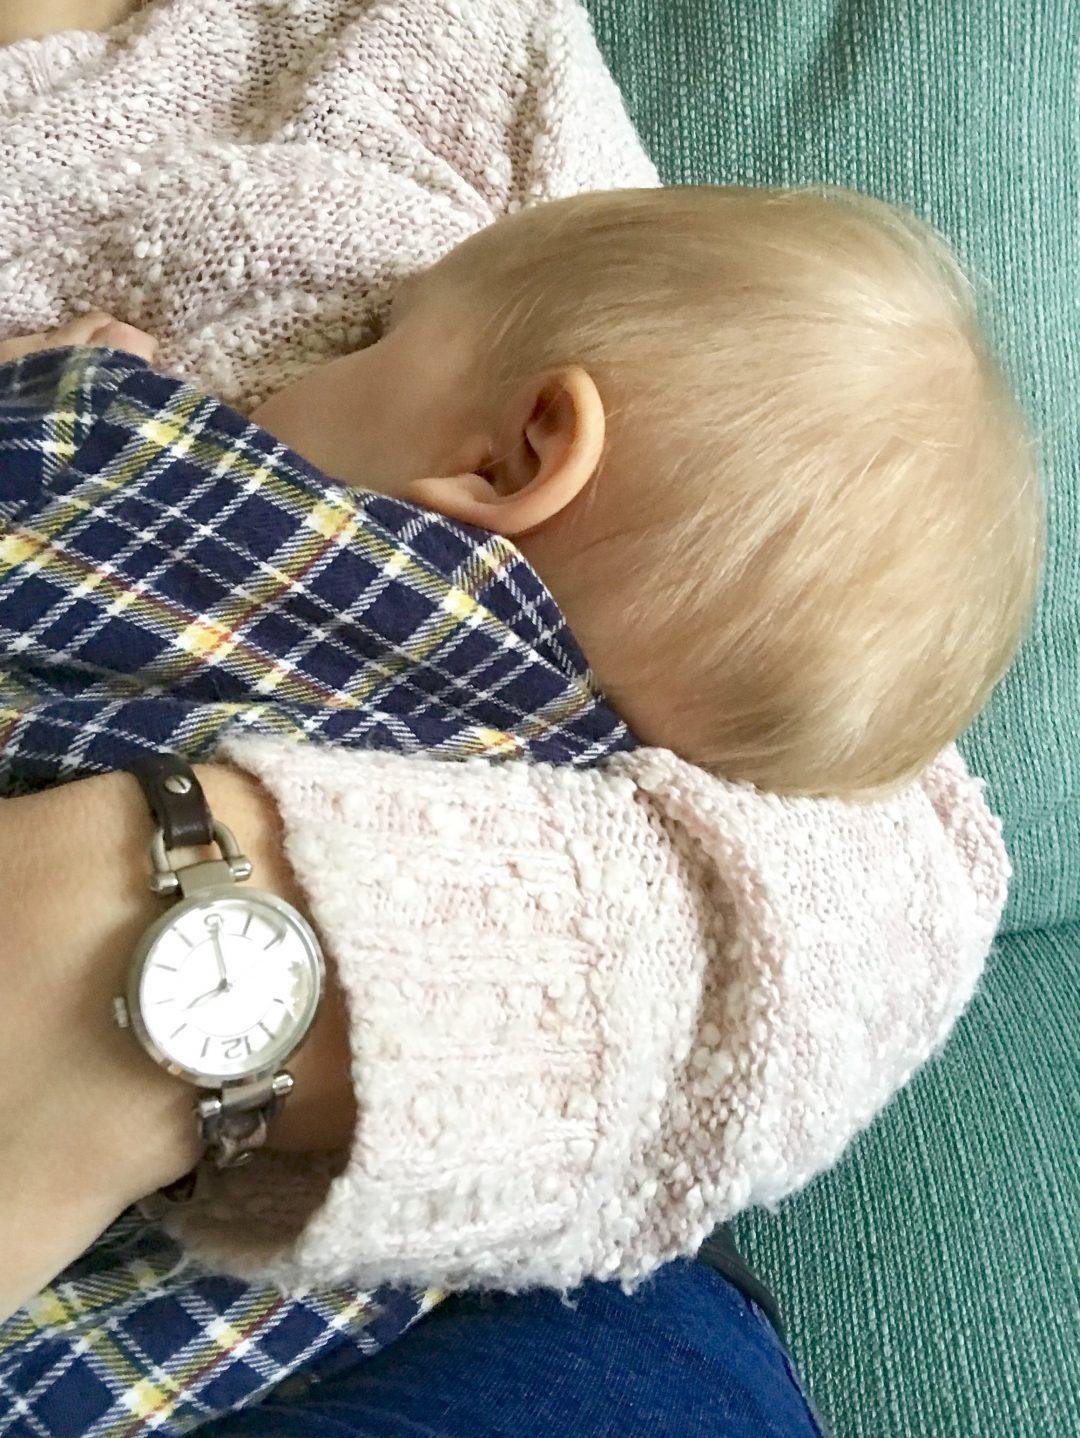 breastfeeding a one year old